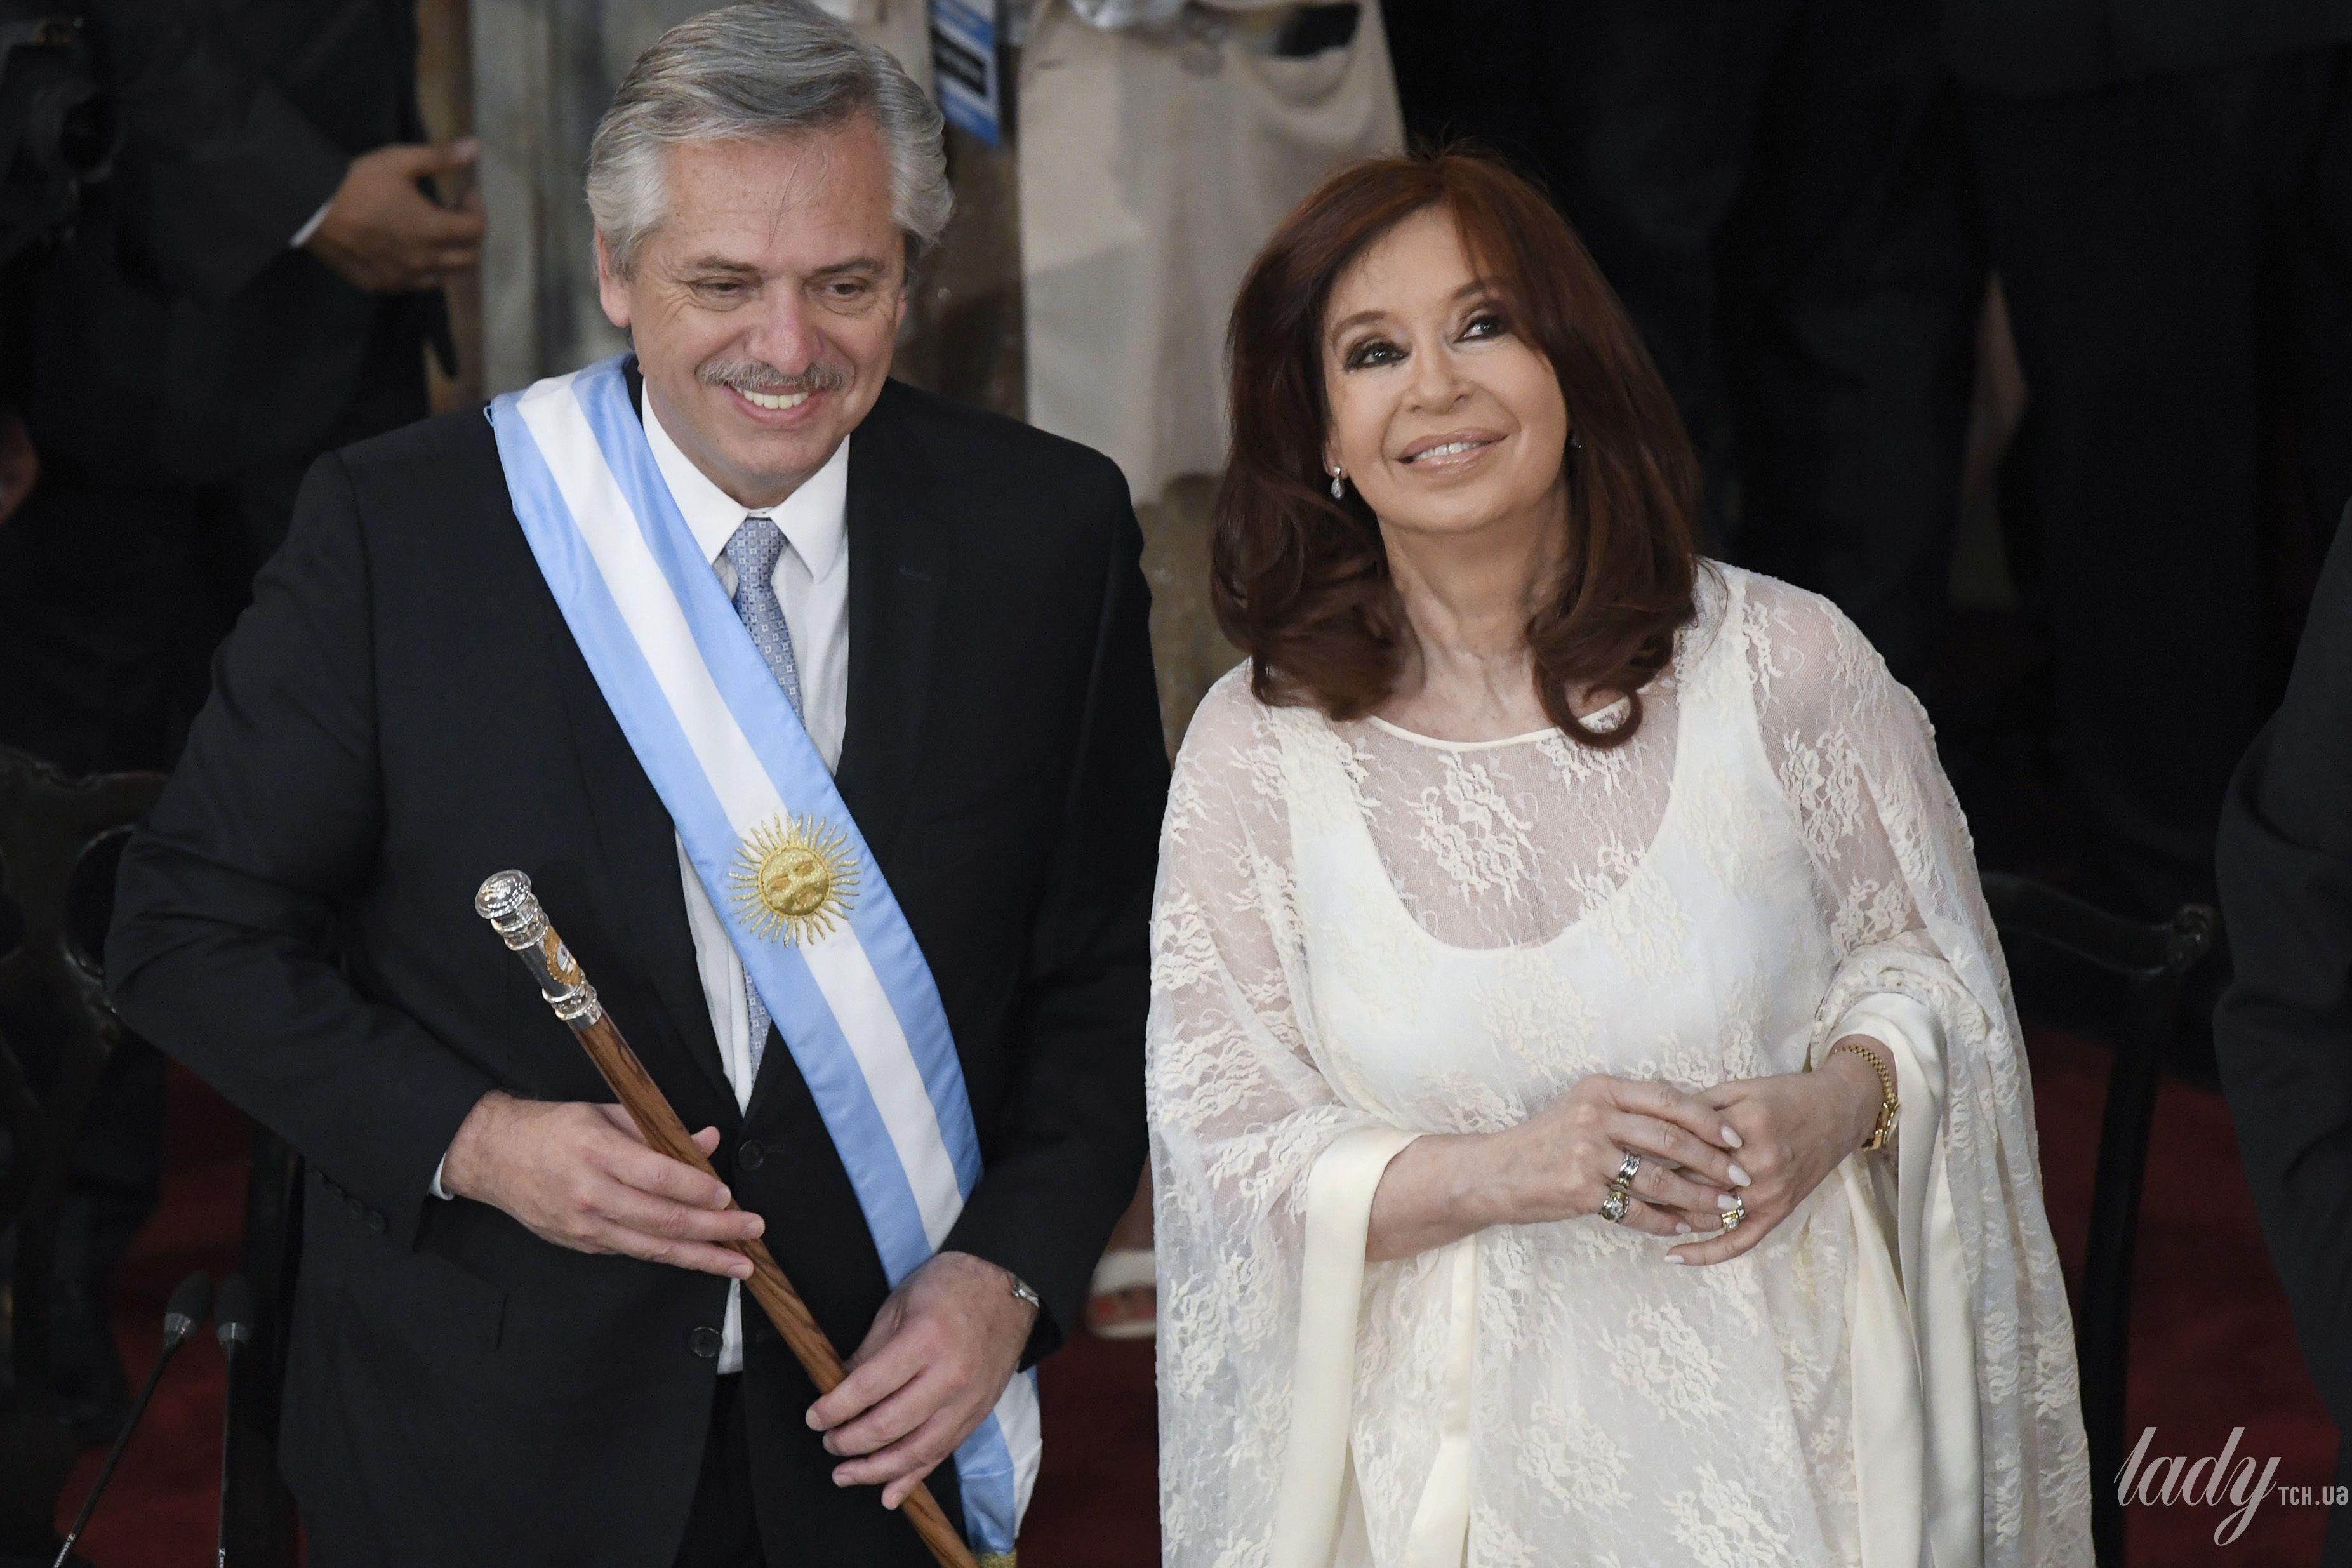 Кристина Фернандес де Киршнер_3